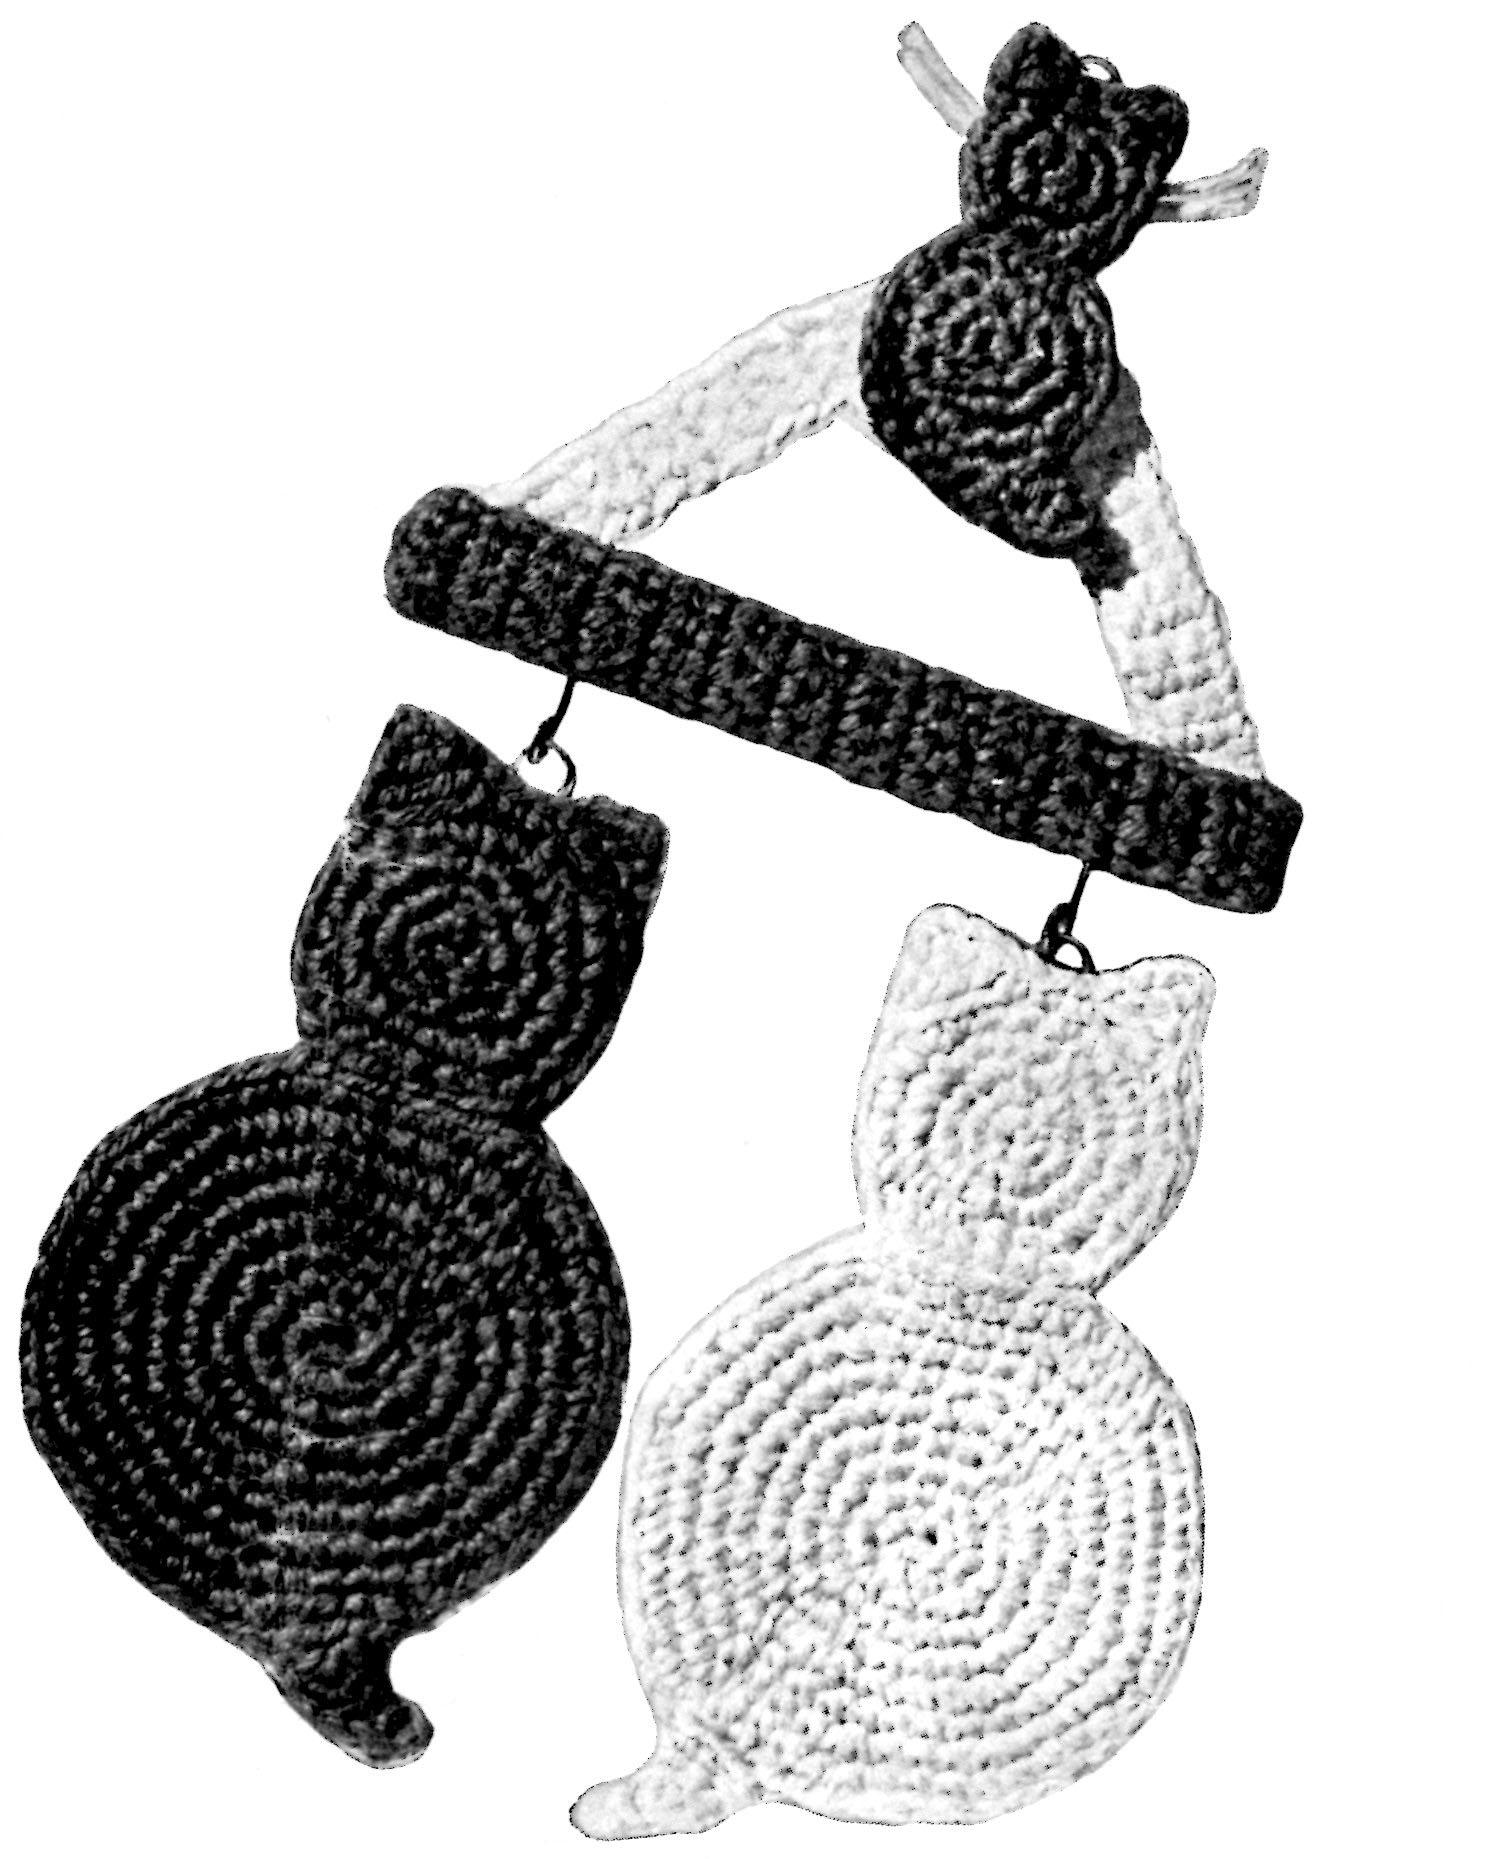 Vintage Cat Crochet Potholder Pattern with a Hanger - Vintage Crafts ...